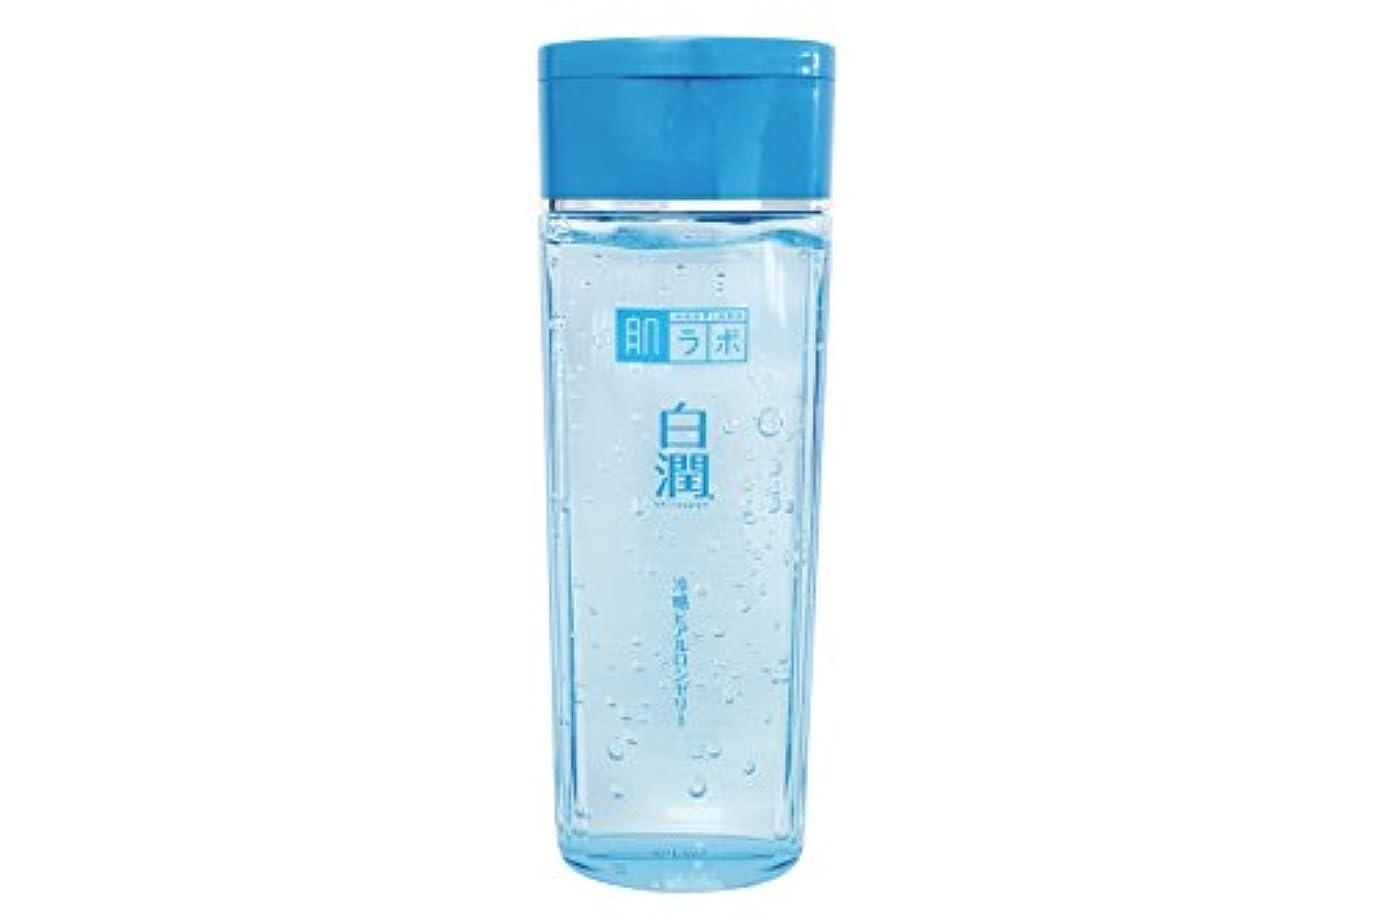 お母さんファイル脅かす肌ラボ 白潤 冷感ヒアルロンゼリー 化粧水?乳液?美容液?収れん?パックの5役 4つの潤い成分配合 200mL